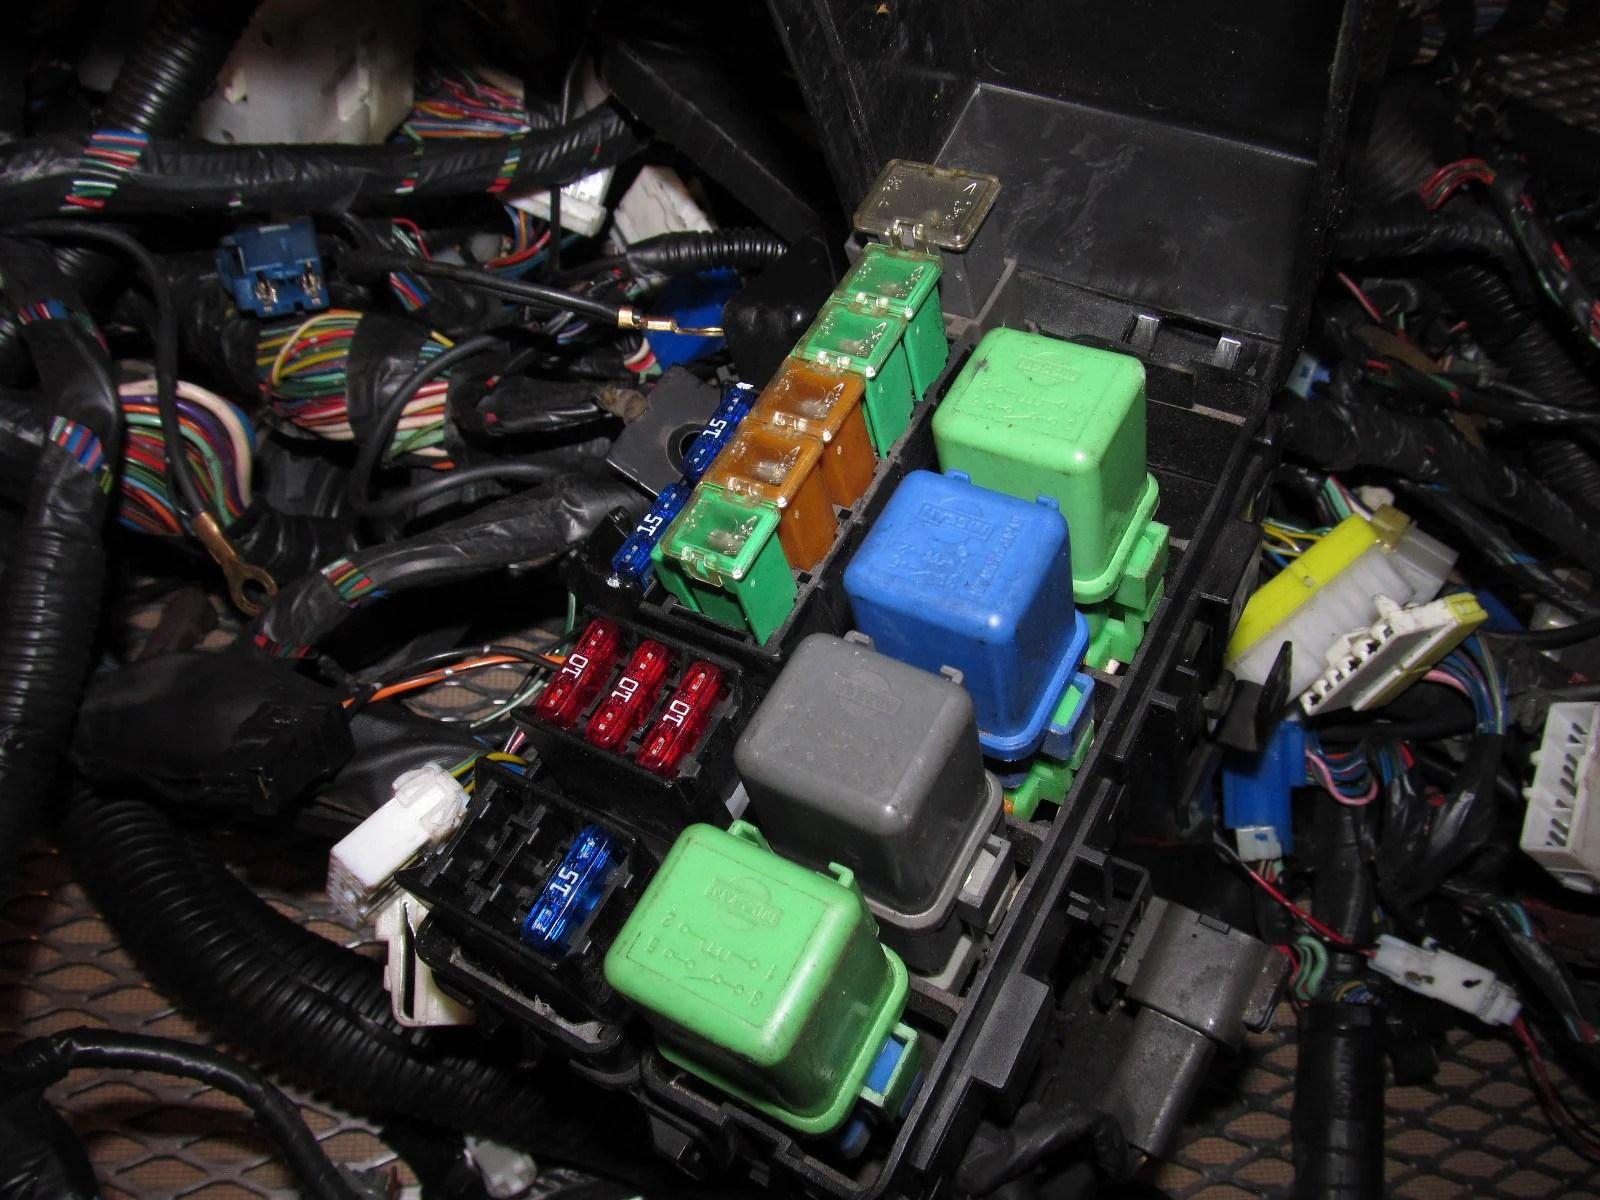 91 92 93 94 nissan 240sx oem fuse box wiring harness autopartone com f150 fuse box [ 1600 x 1200 Pixel ]